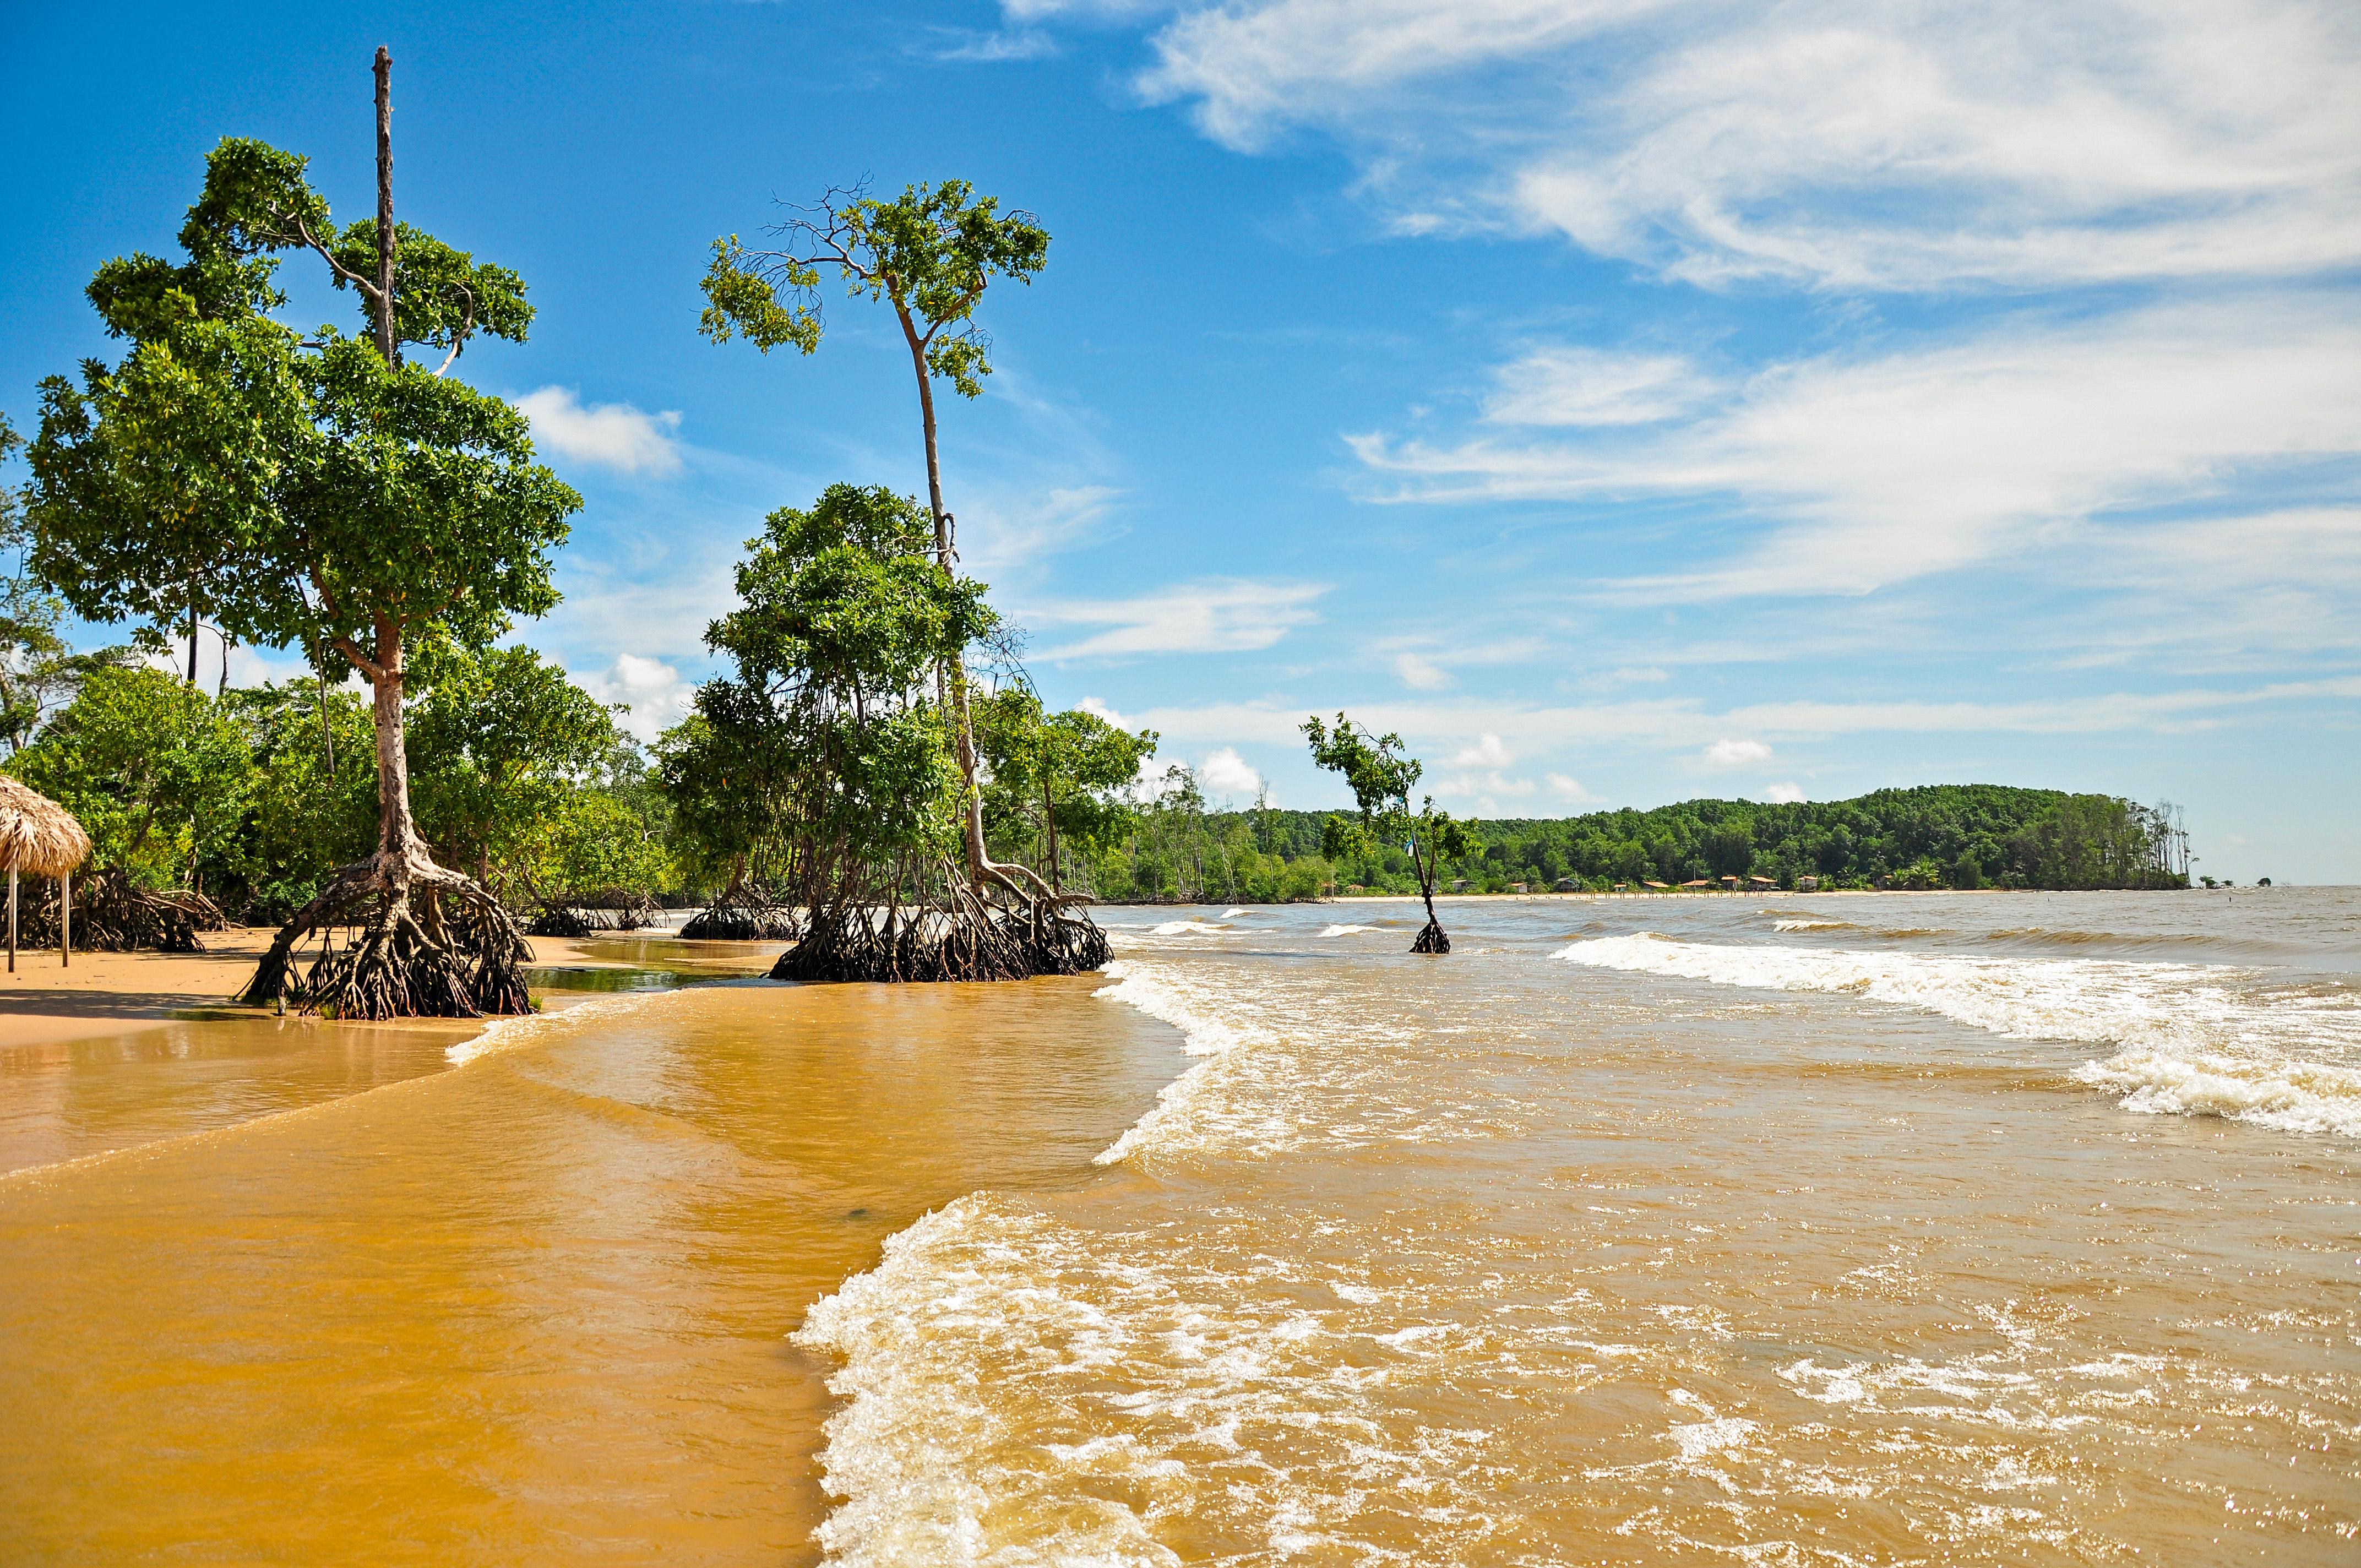 Praia vazia com árvores cujas raízes emergem da terra